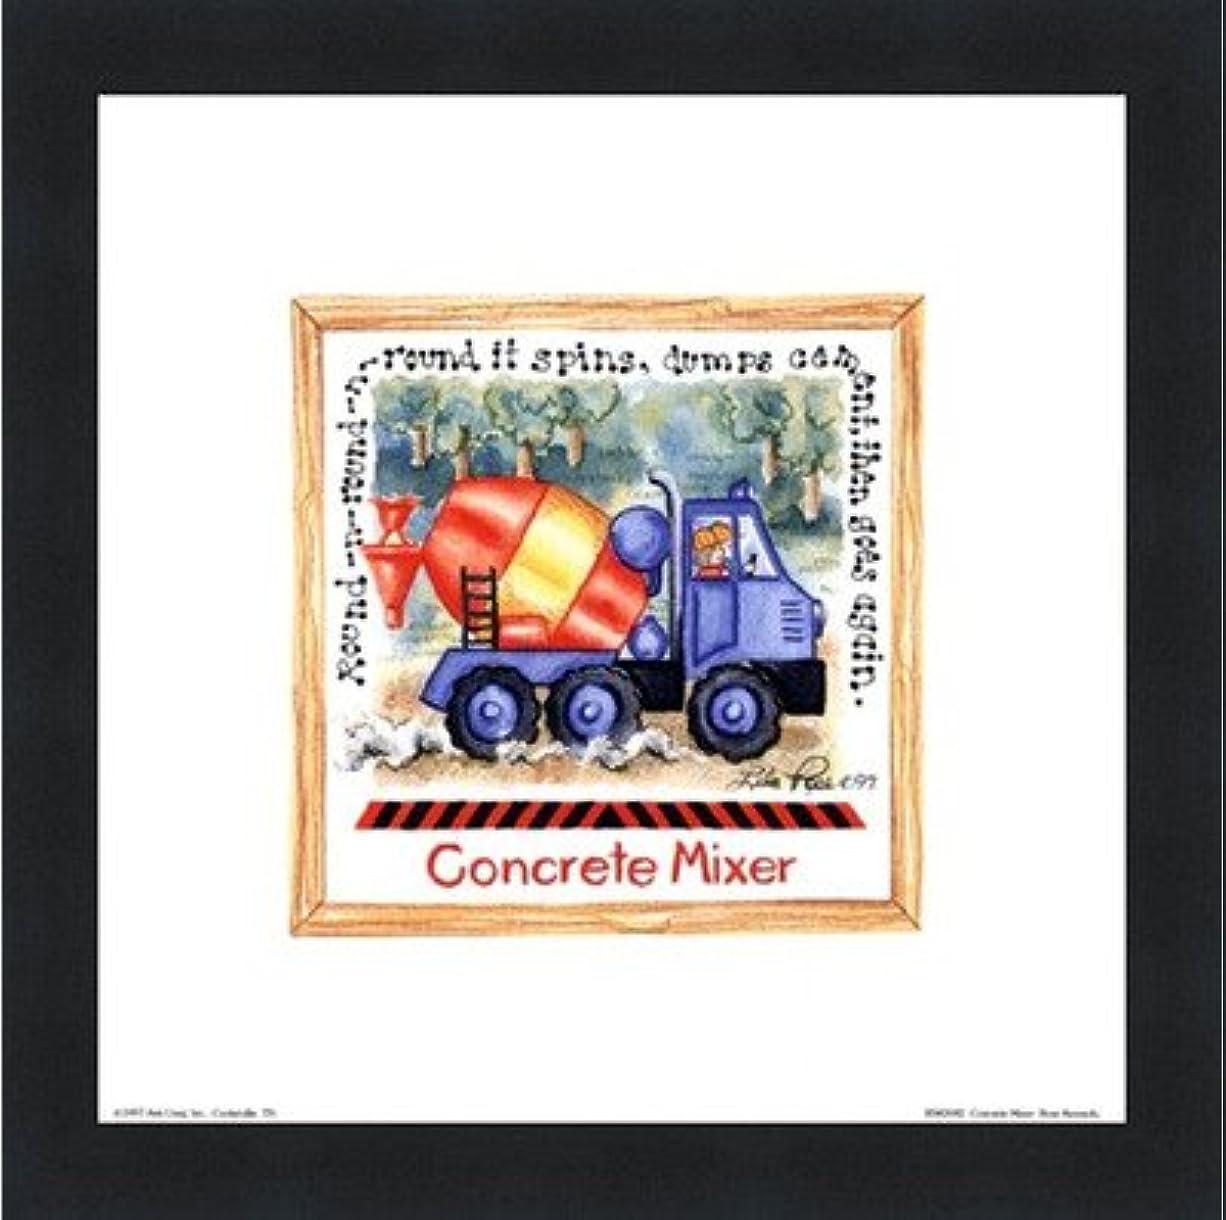 経験者ばかコーラスコンクリートミキサーby Lila Rose Kennedy – 8 x 8インチ – アートプリントポスター LE_391264-F101-8x8